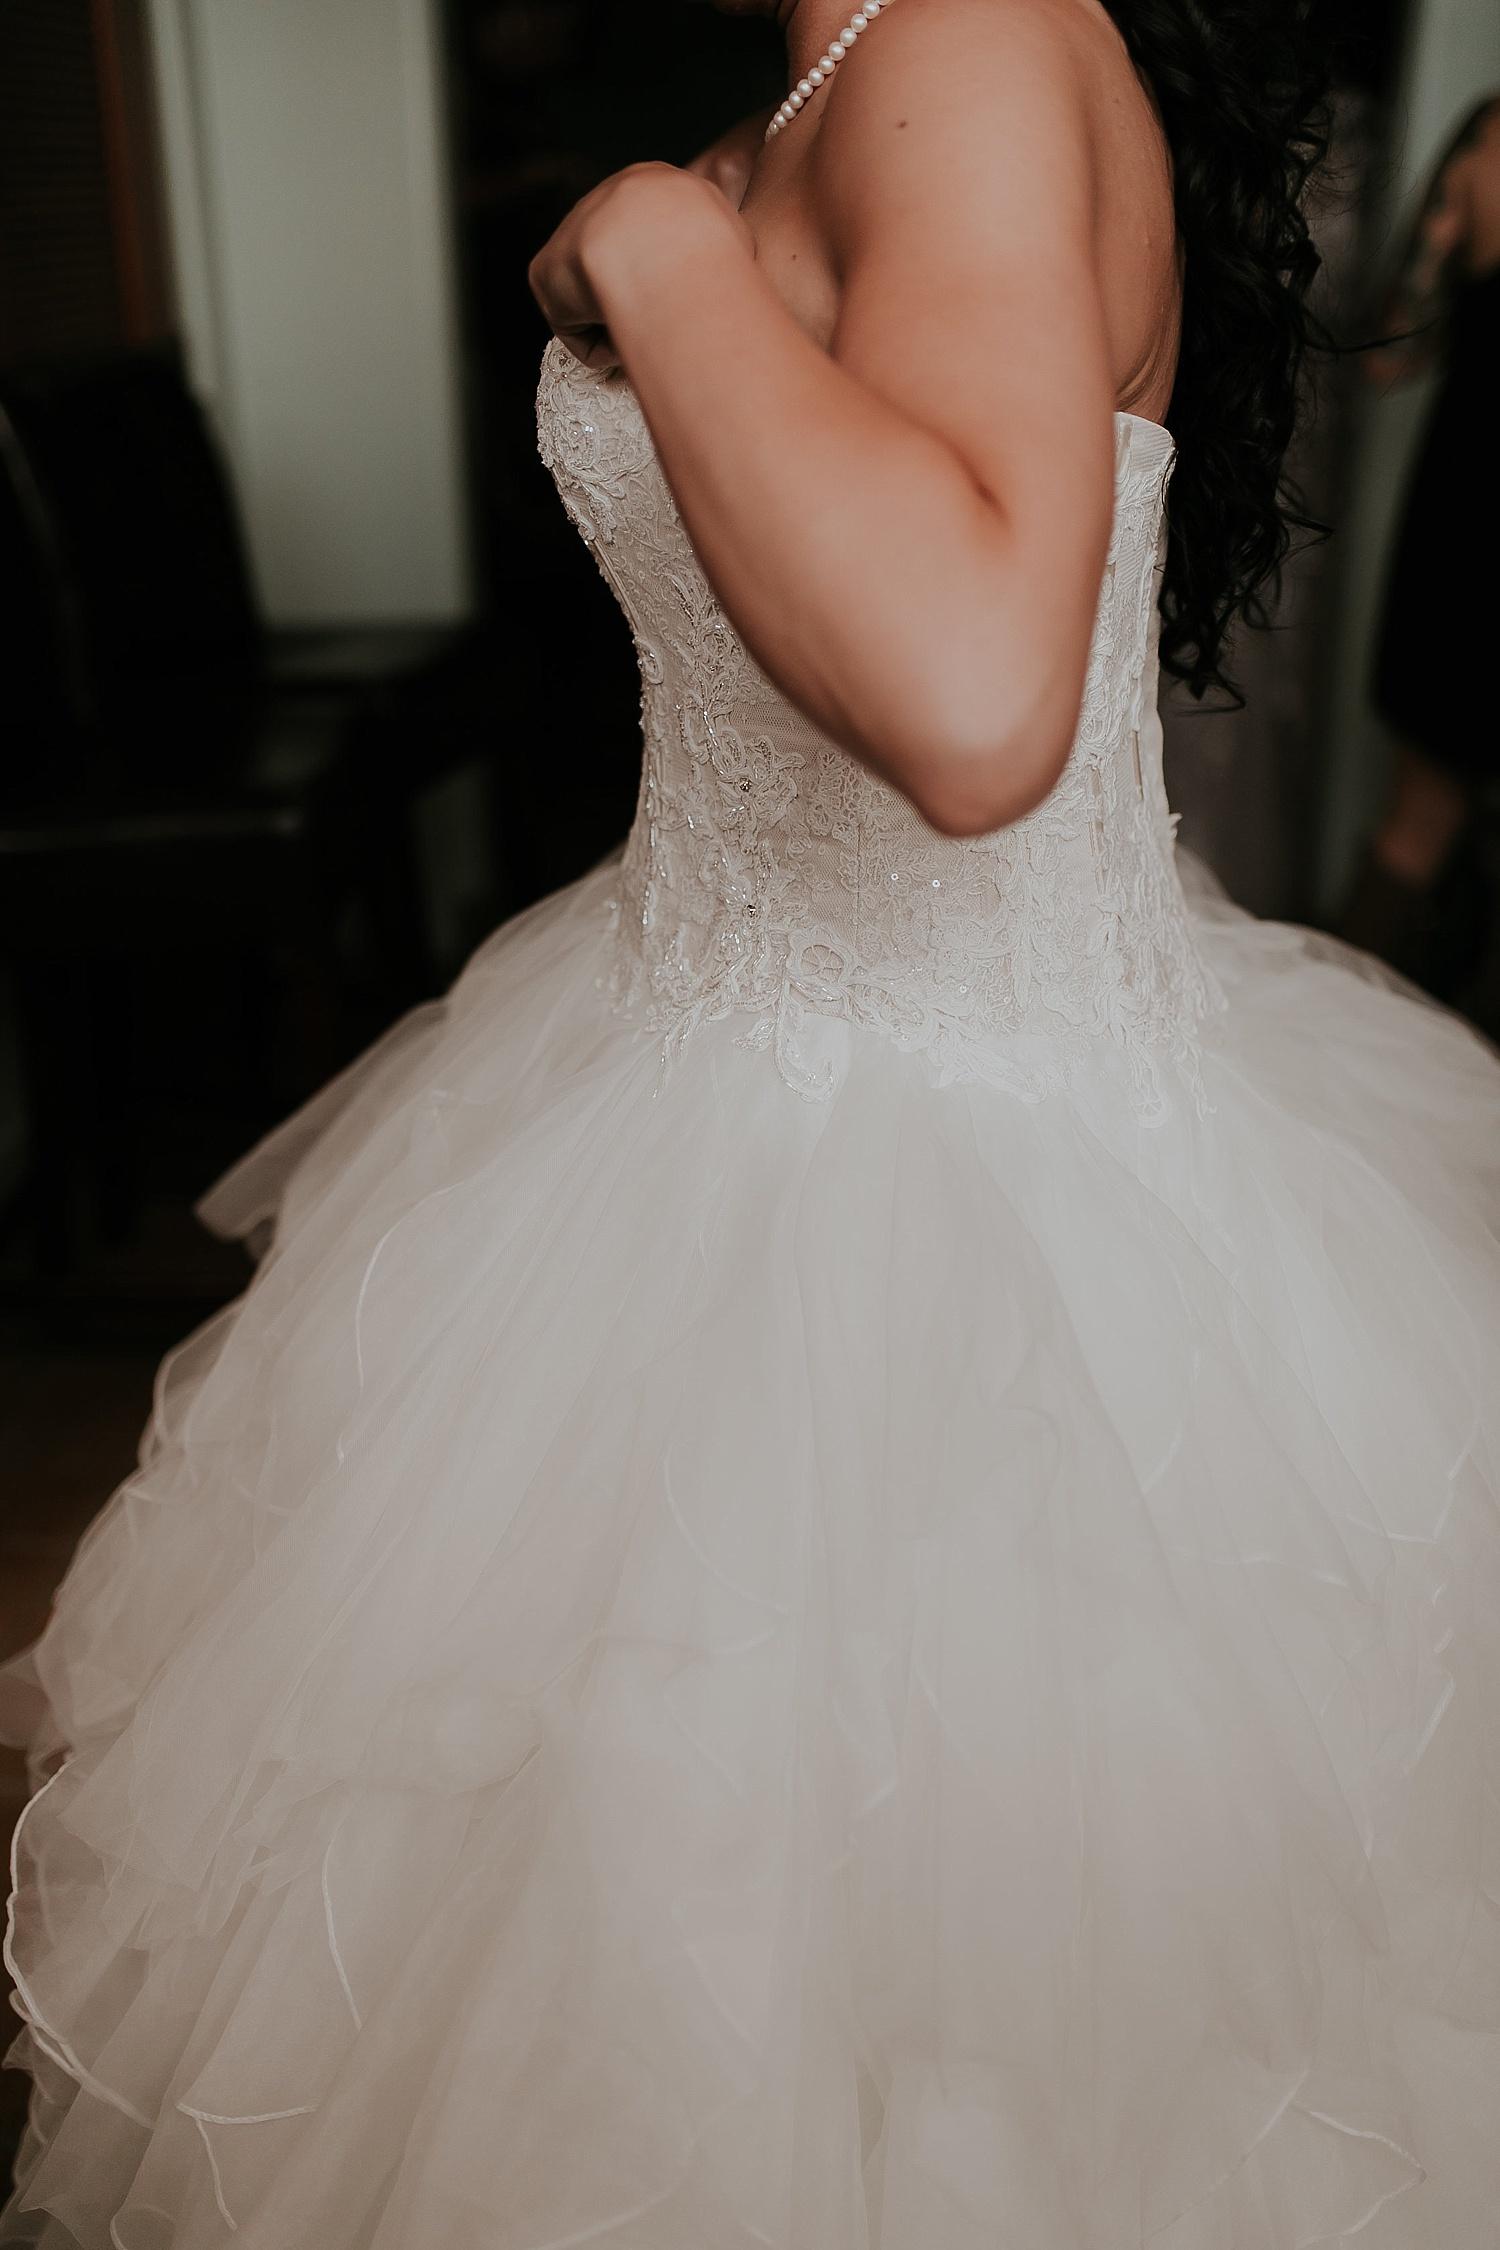 Alicia+lucia+photography+-+albuquerque+wedding+photographer+-+santa+fe+wedding+photography+-+new+mexico+wedding+photographer+-+angel+fire+wedding_0019.jpg